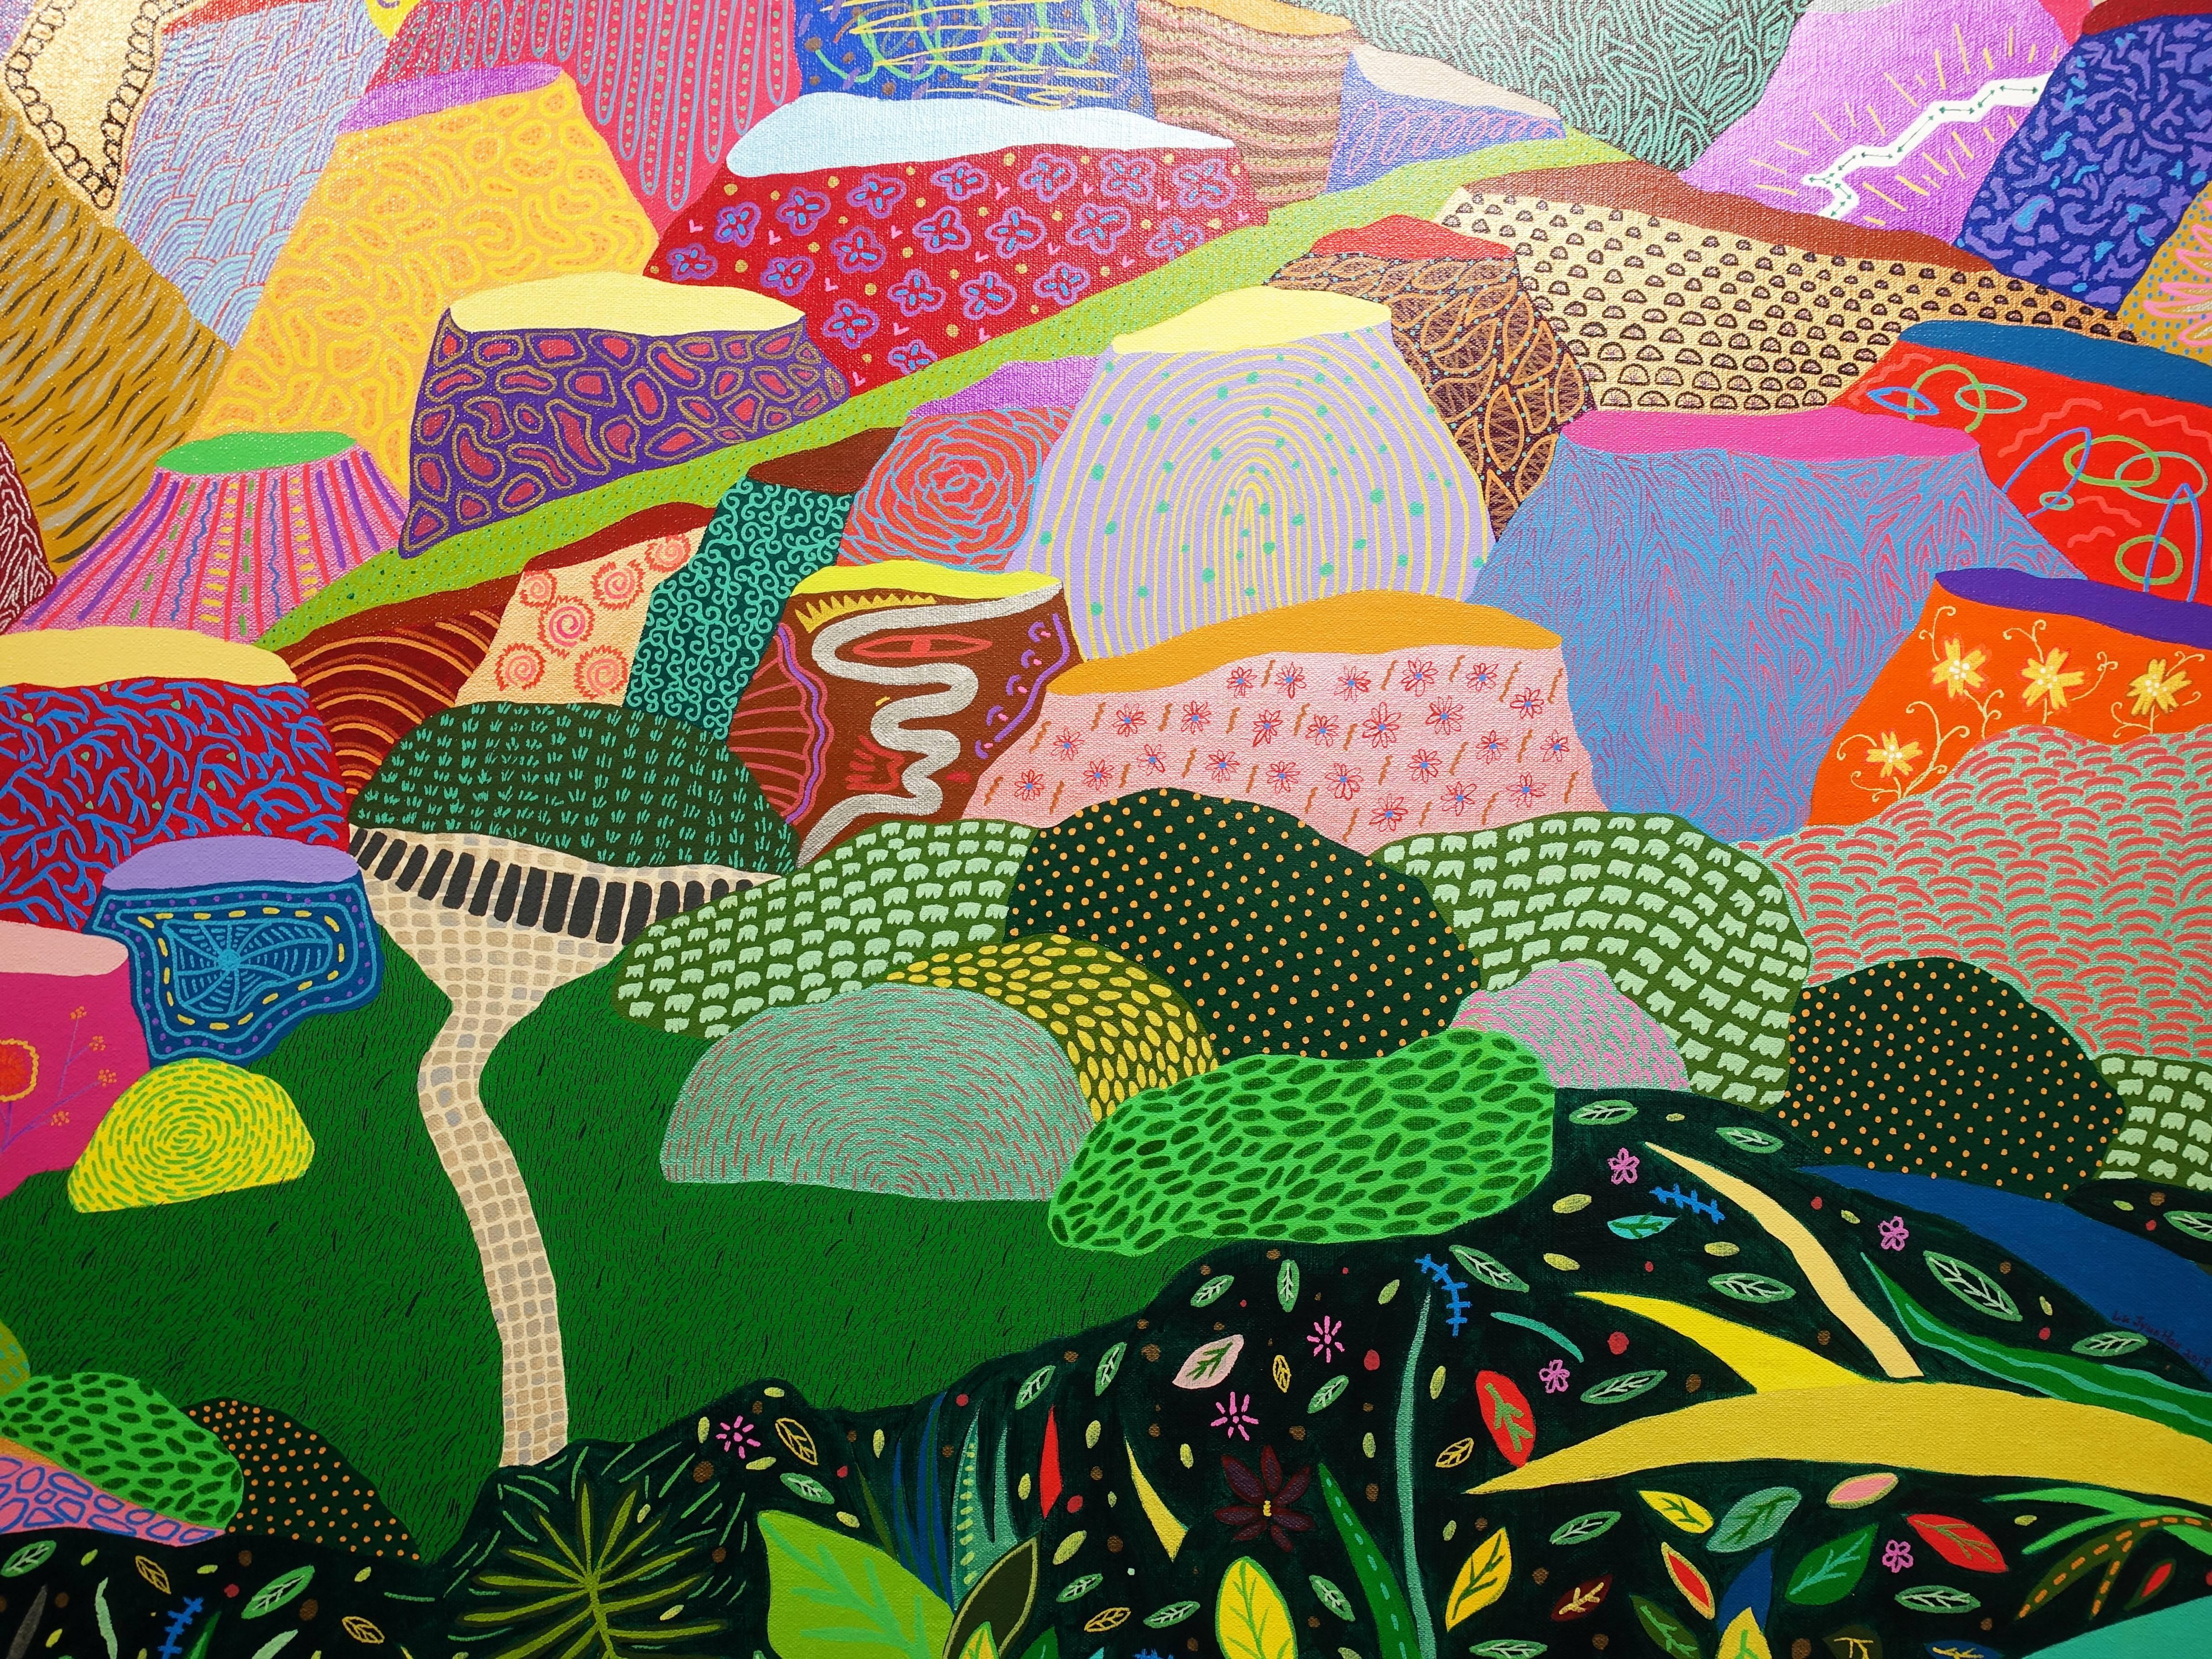 盧俊翰,《望幽谷》細節,194 x 130 cm,壓克力,2019。